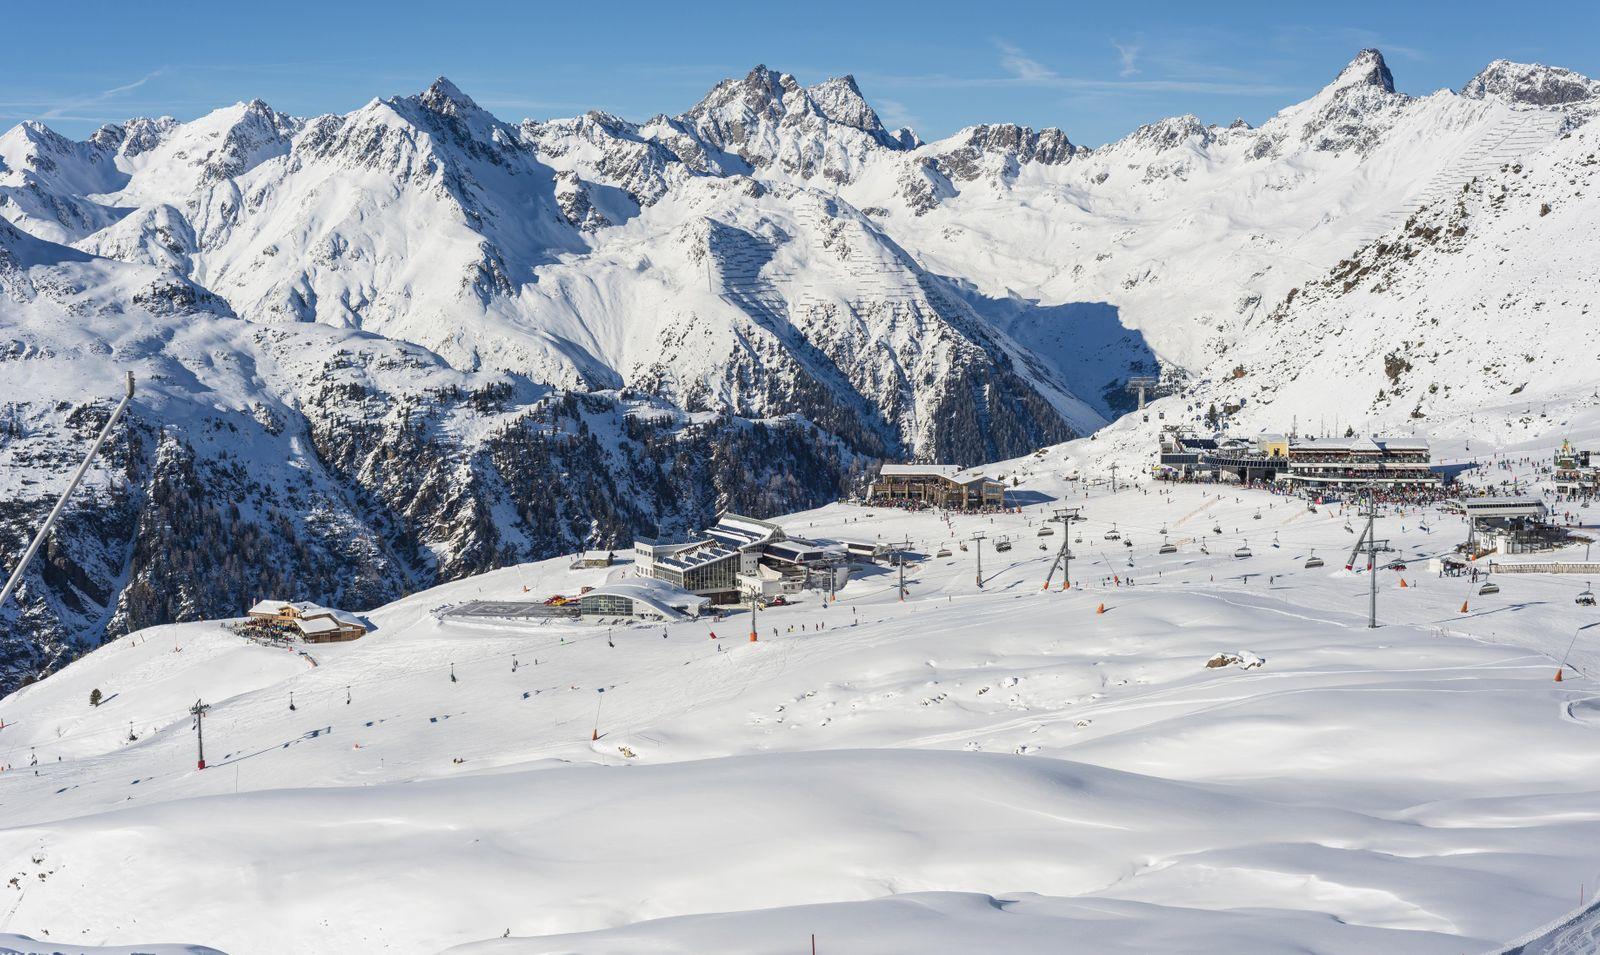 Skigebiet Silvretta Arena, Idalp, Ischgl, Paznauntal, Tirol, Österreich, Europa